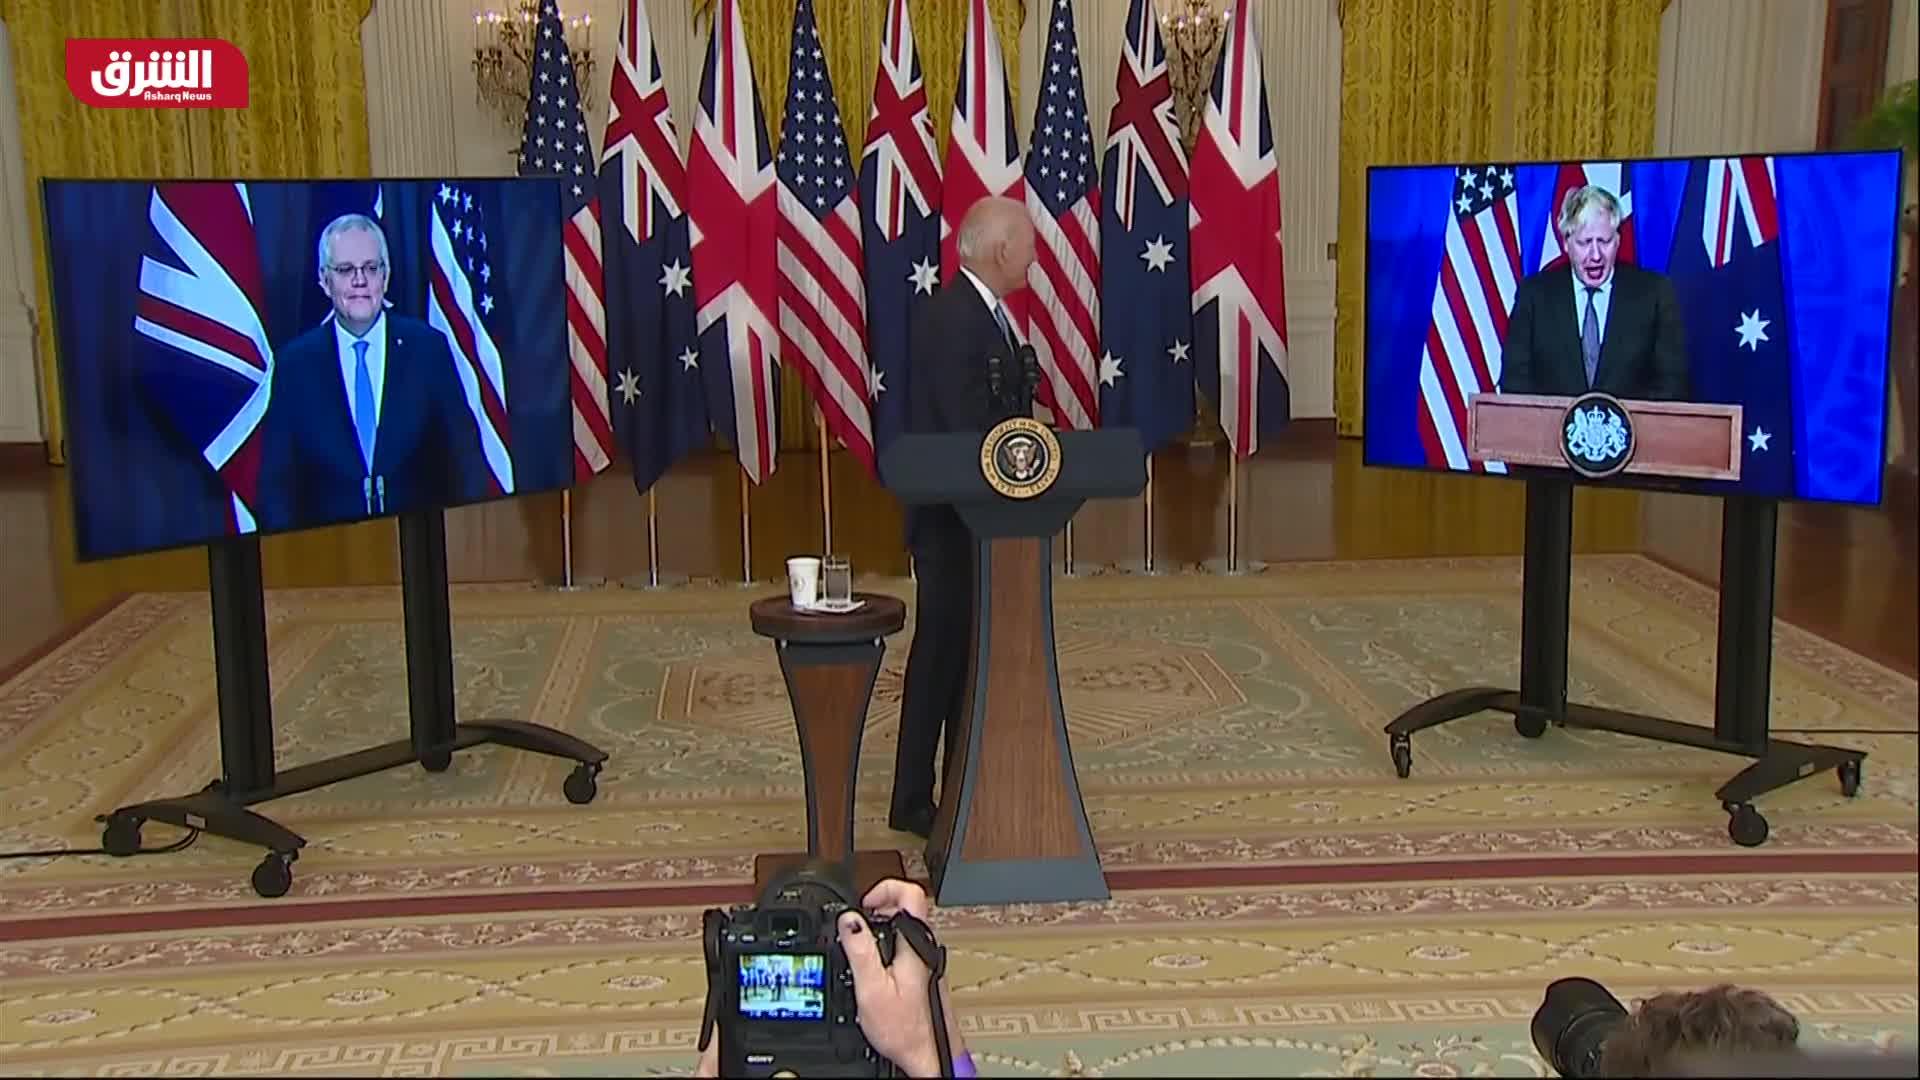 الرئيس الأميركي ورئيسا وزراء بريطانيا وأستراليا يعلنون شراكة ثلاثية أمنية